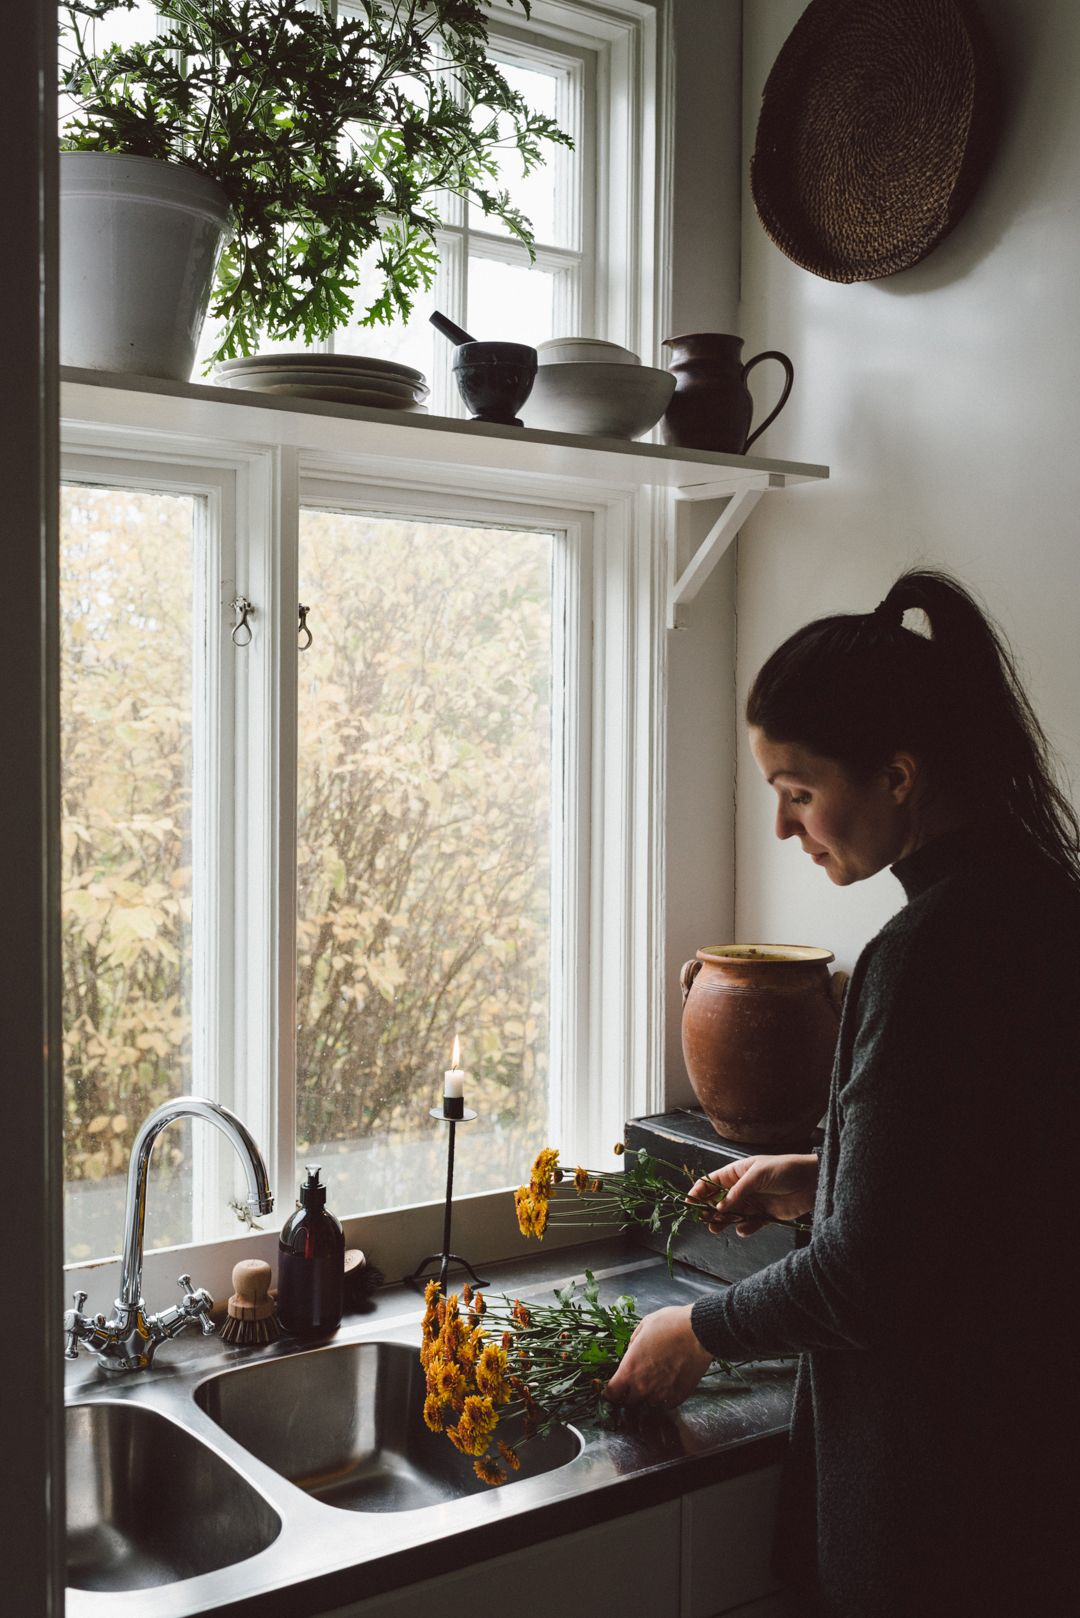 Autumn kitchen by Babes in Boyland   Home & Interior   Pinterest ...